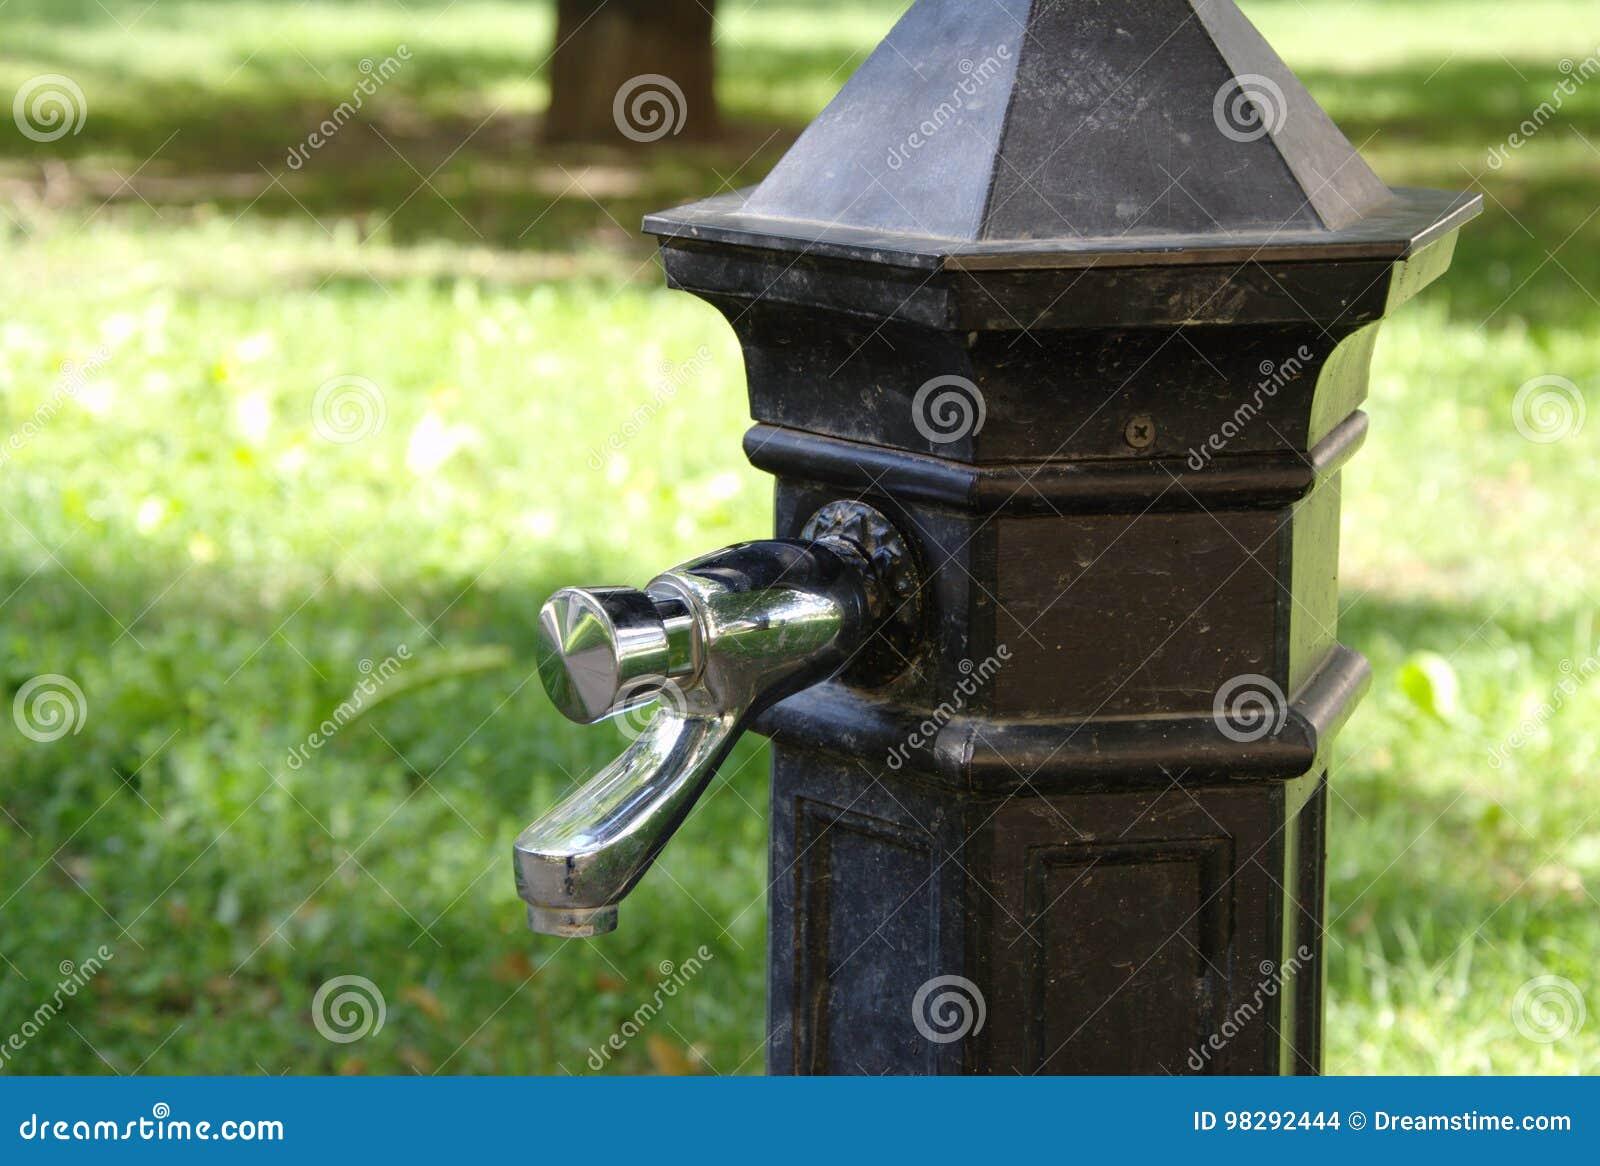 Traditionellt stadsvattenklapp med drickbart vatten i parkera